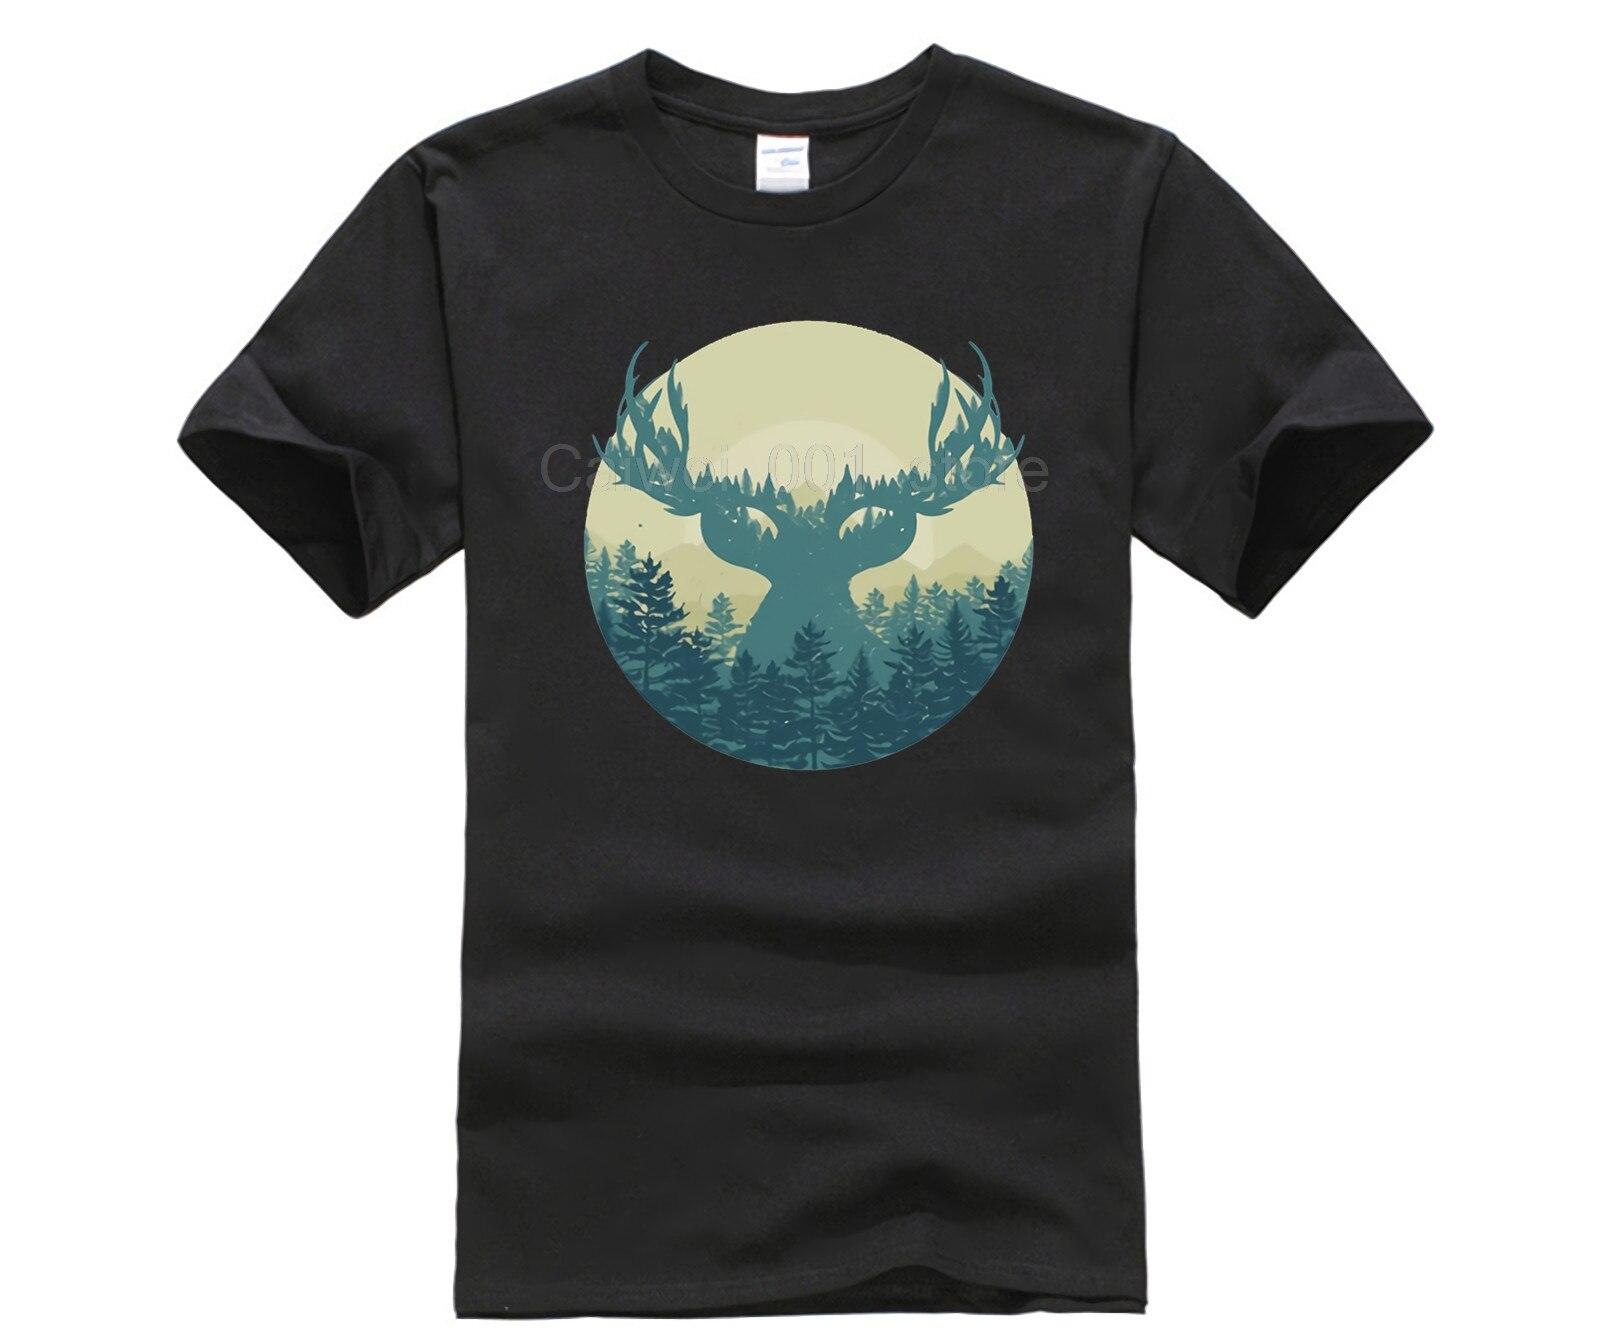 Модная мужская футболка с коротким рукавом, летняя мужская футболка с принтом лося, леса, Swag, фэнтези, туман, лес, круглый вырез, крутая Мужск...